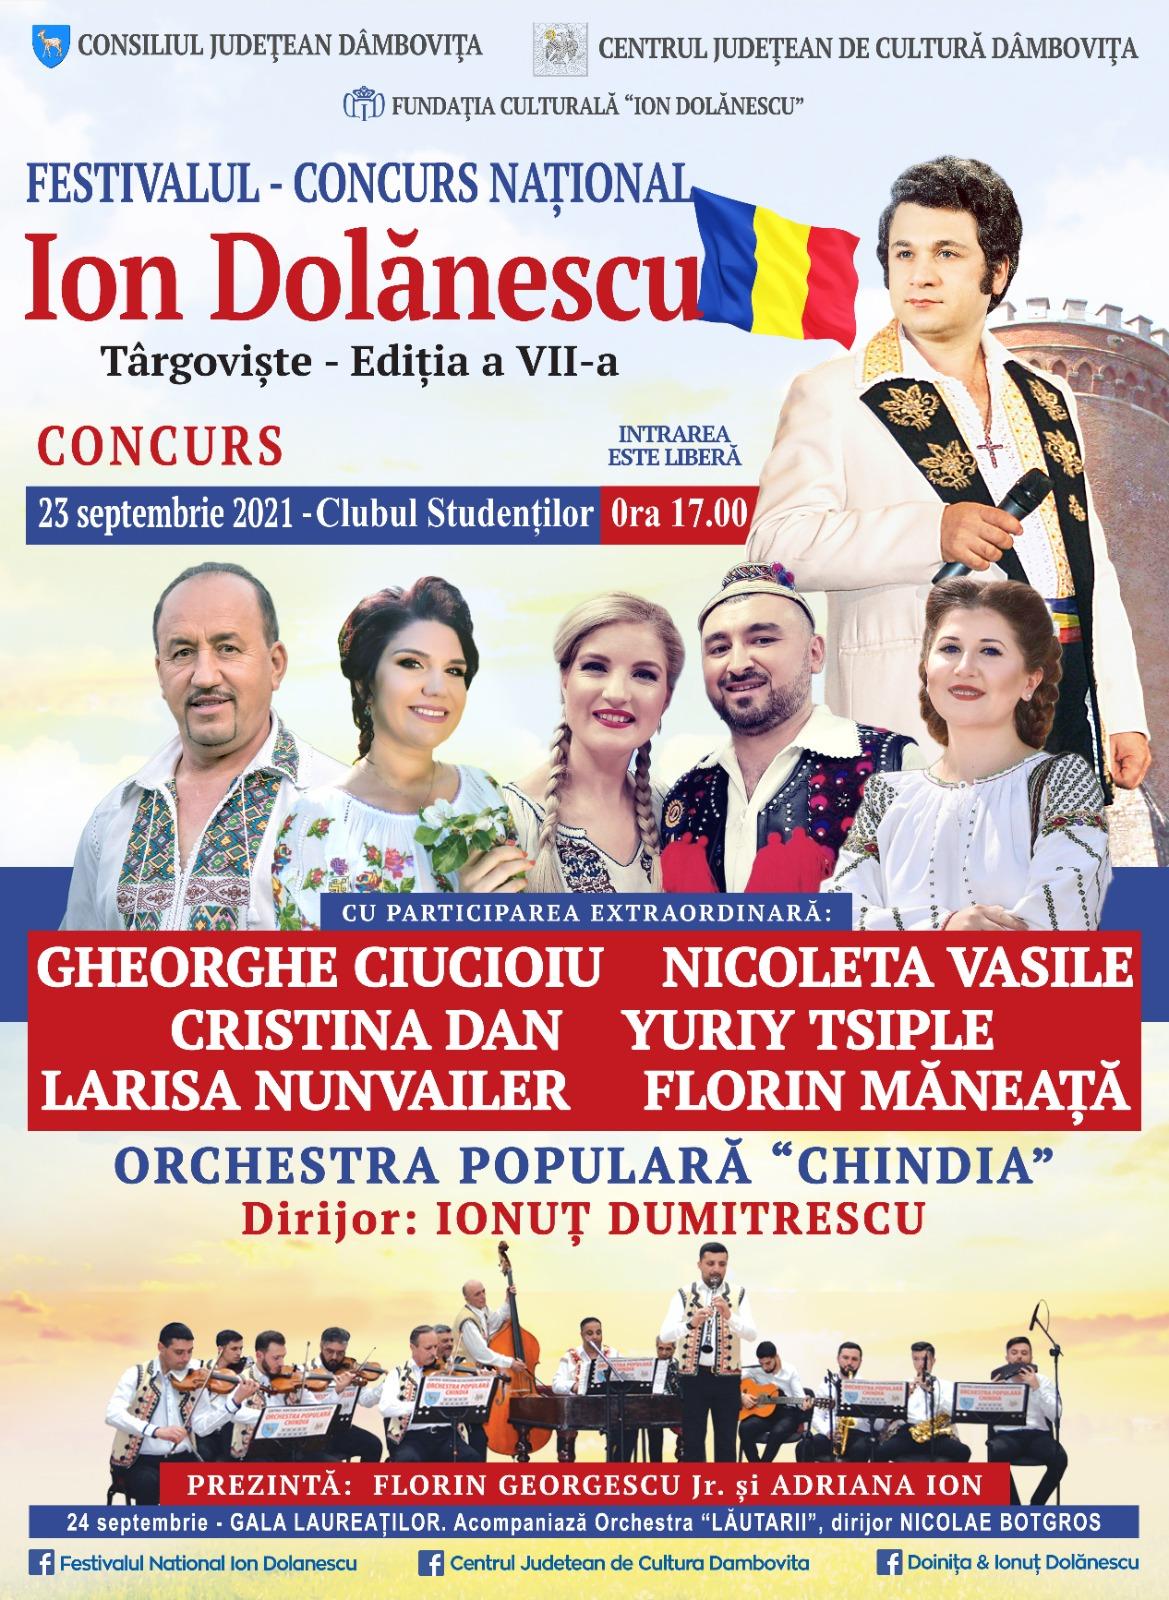 """Festivalul – Concurs Naţional """"Ion Dolănescu"""", ediția a VII-a"""